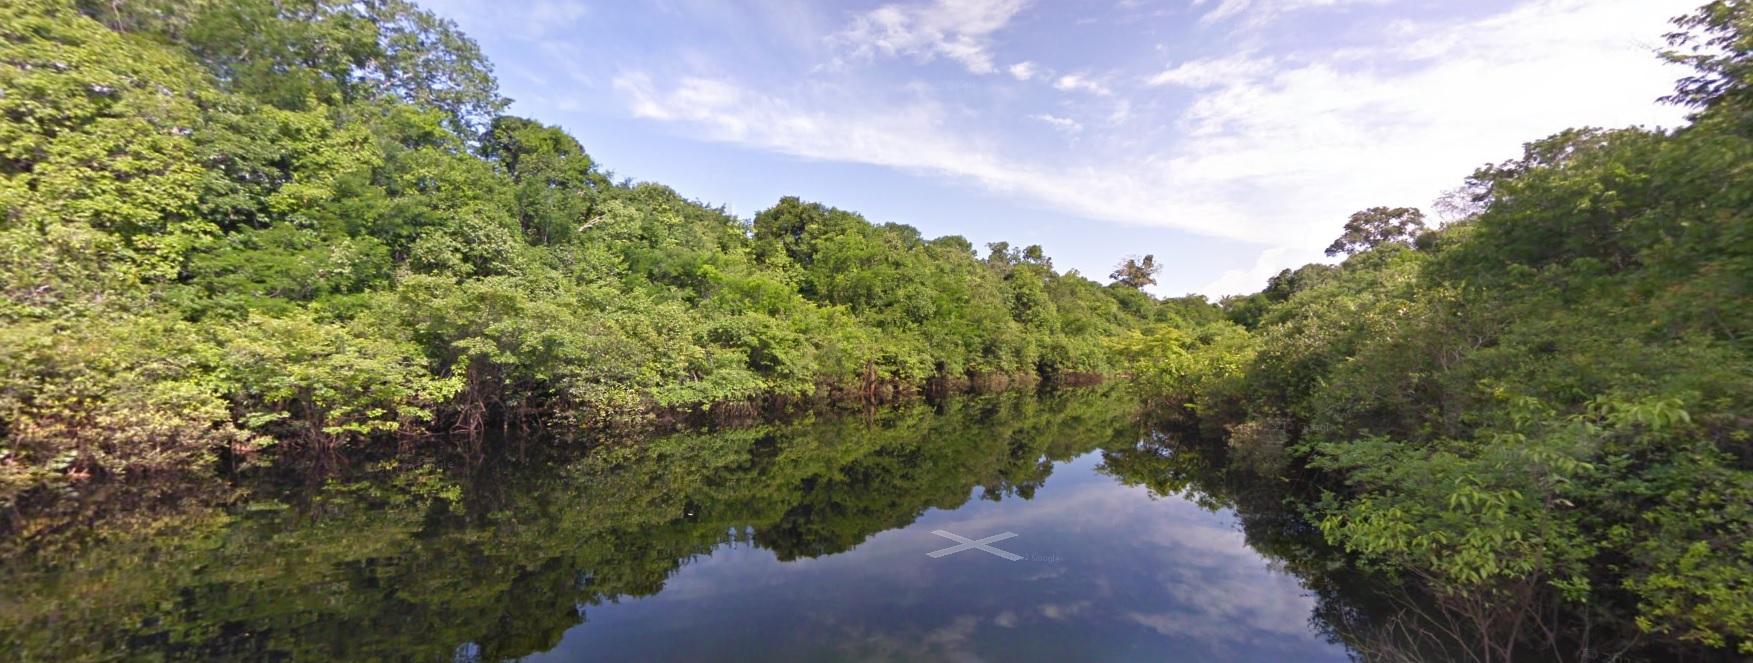 El Río Negro tiene 2250 km de longitud (captura de Street View).